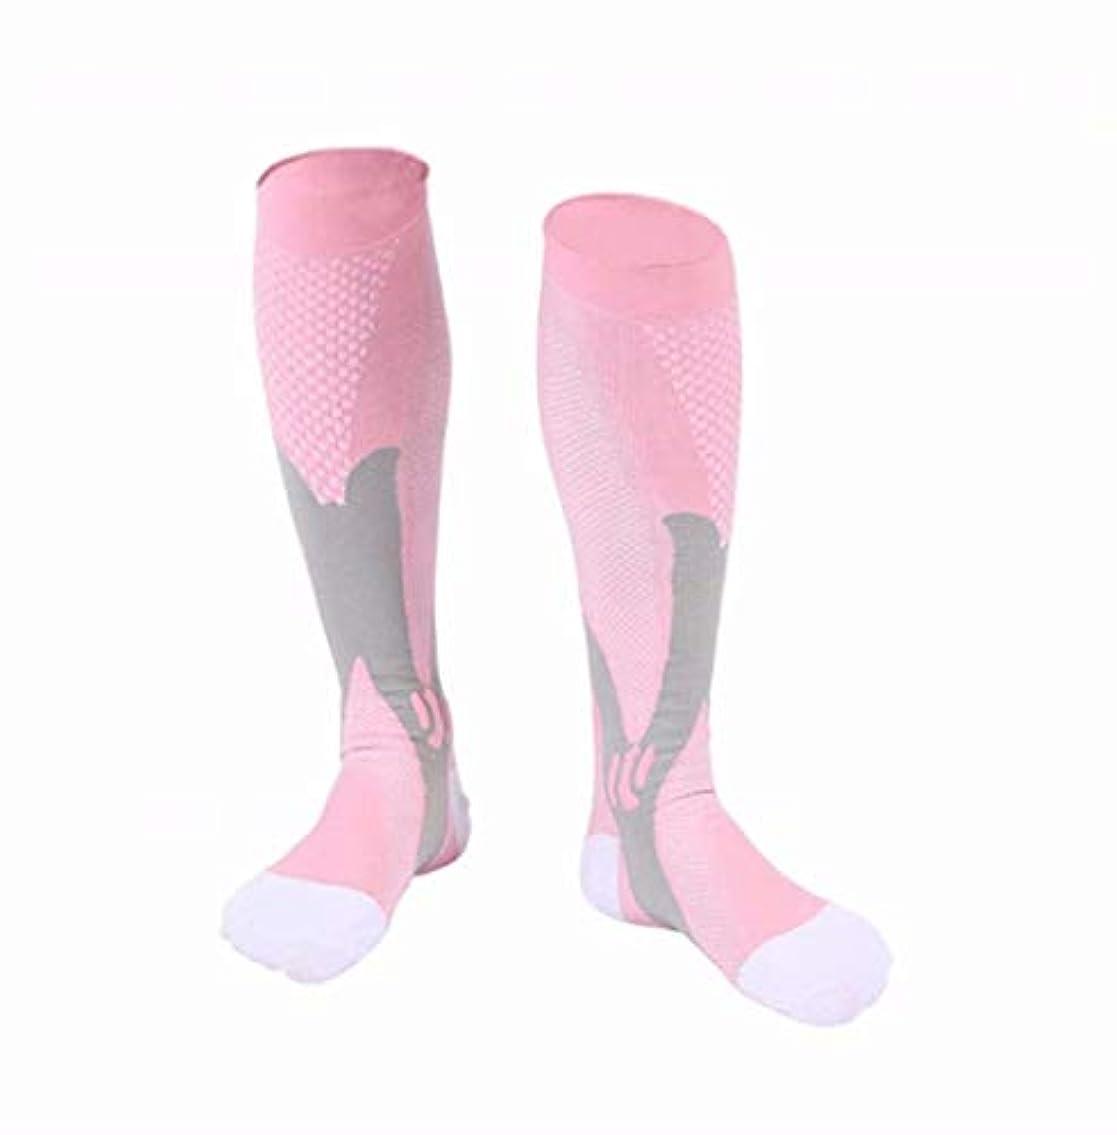 引く暗くするバーチャル七里の香 圧縮靴下 医療ストッキングマタニティトラベル